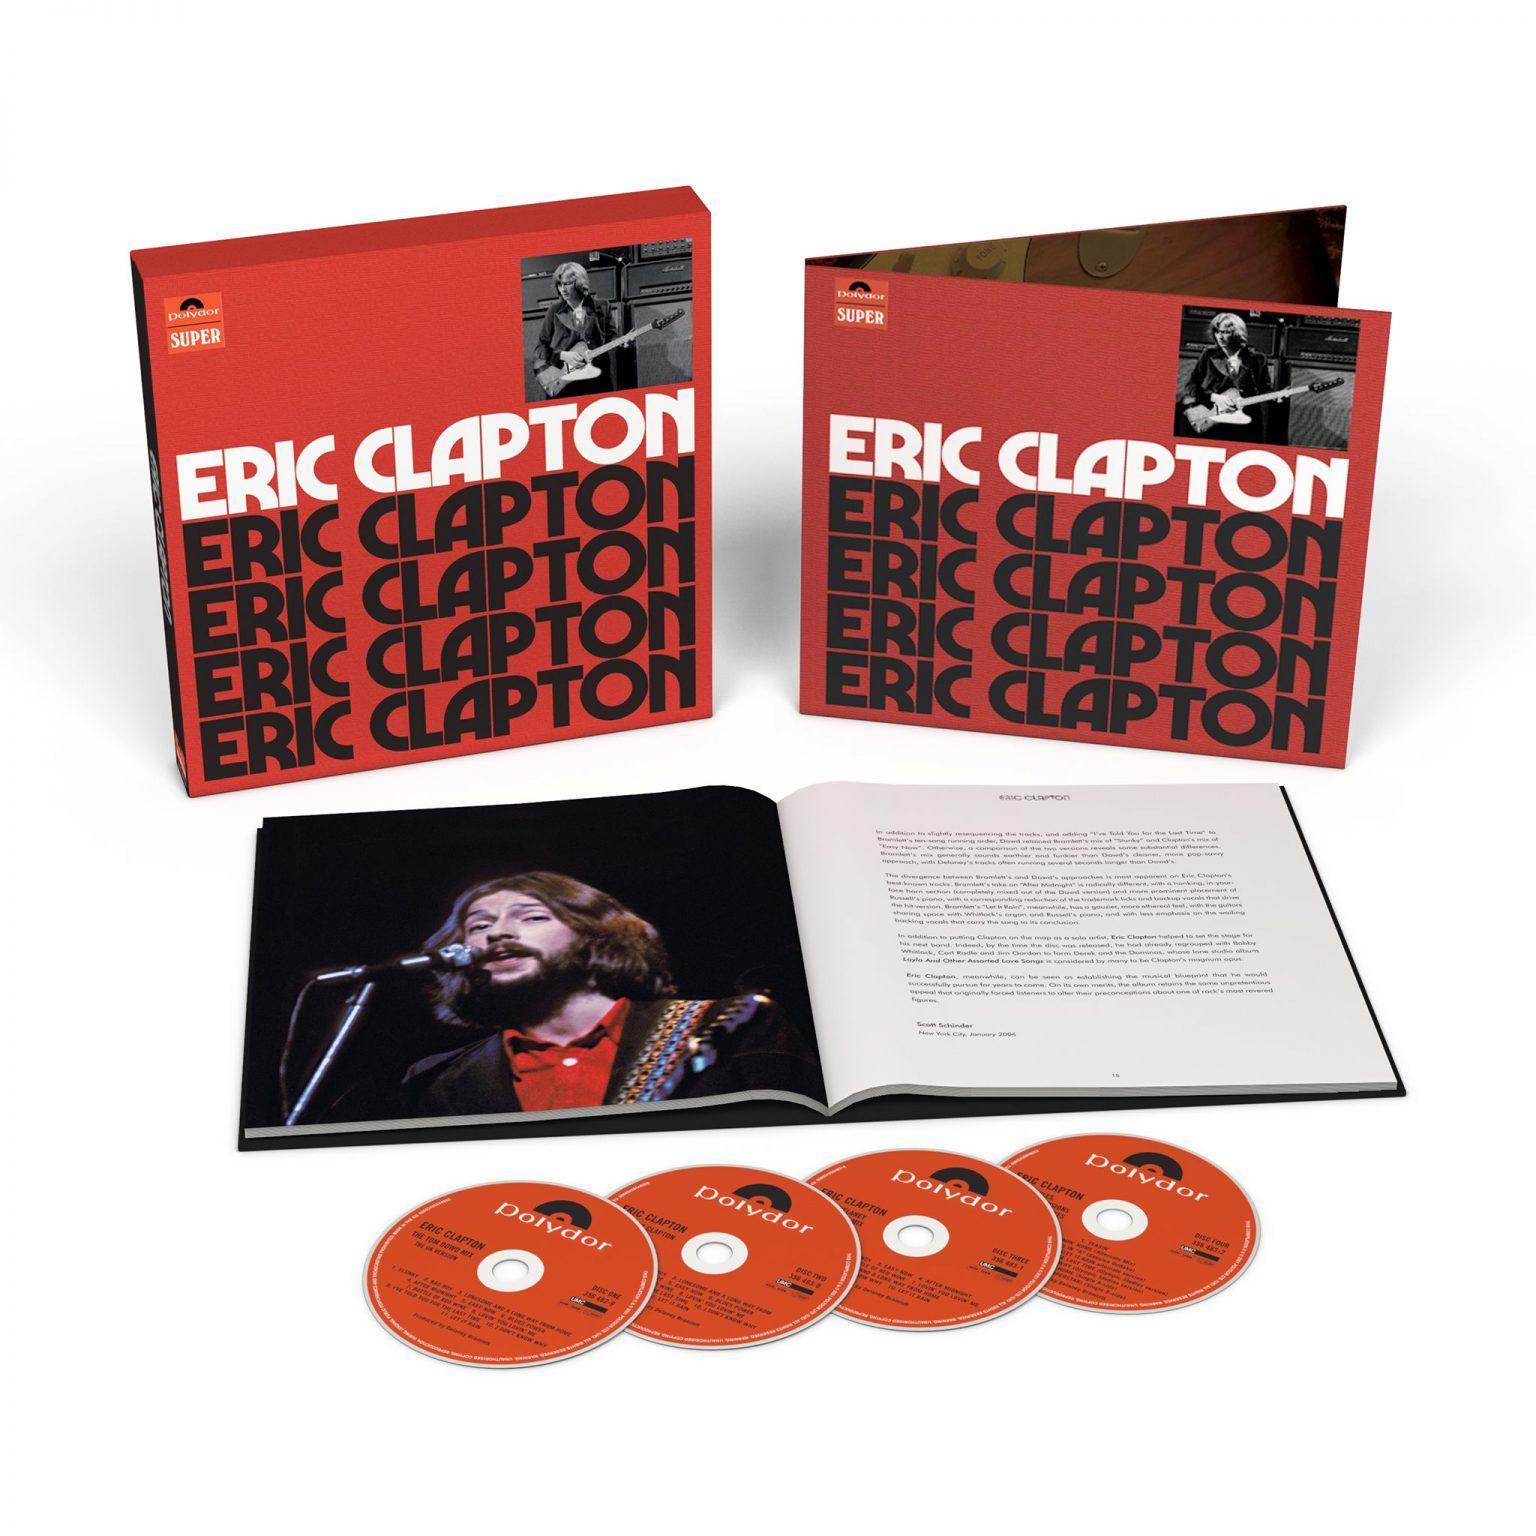 Eric Clapton Deluxe